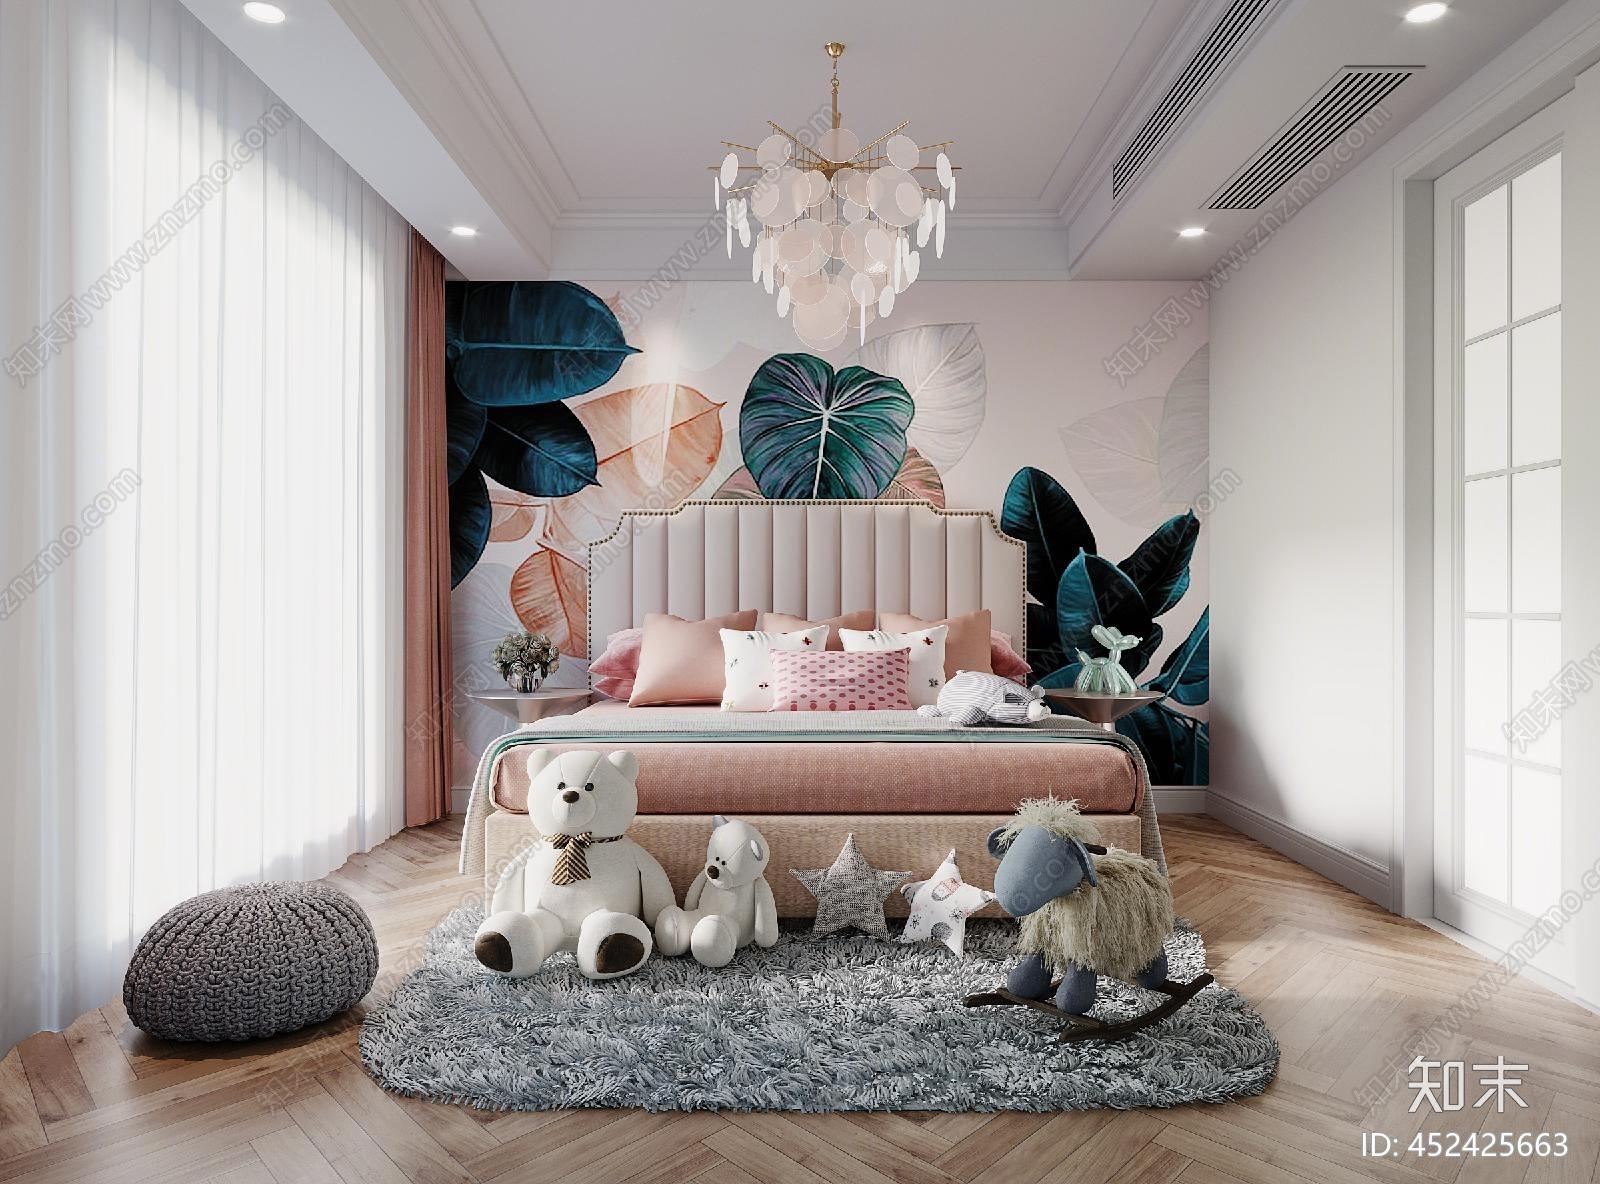 简欧儿童房 娃娃 床 背景 吊灯 窗帘